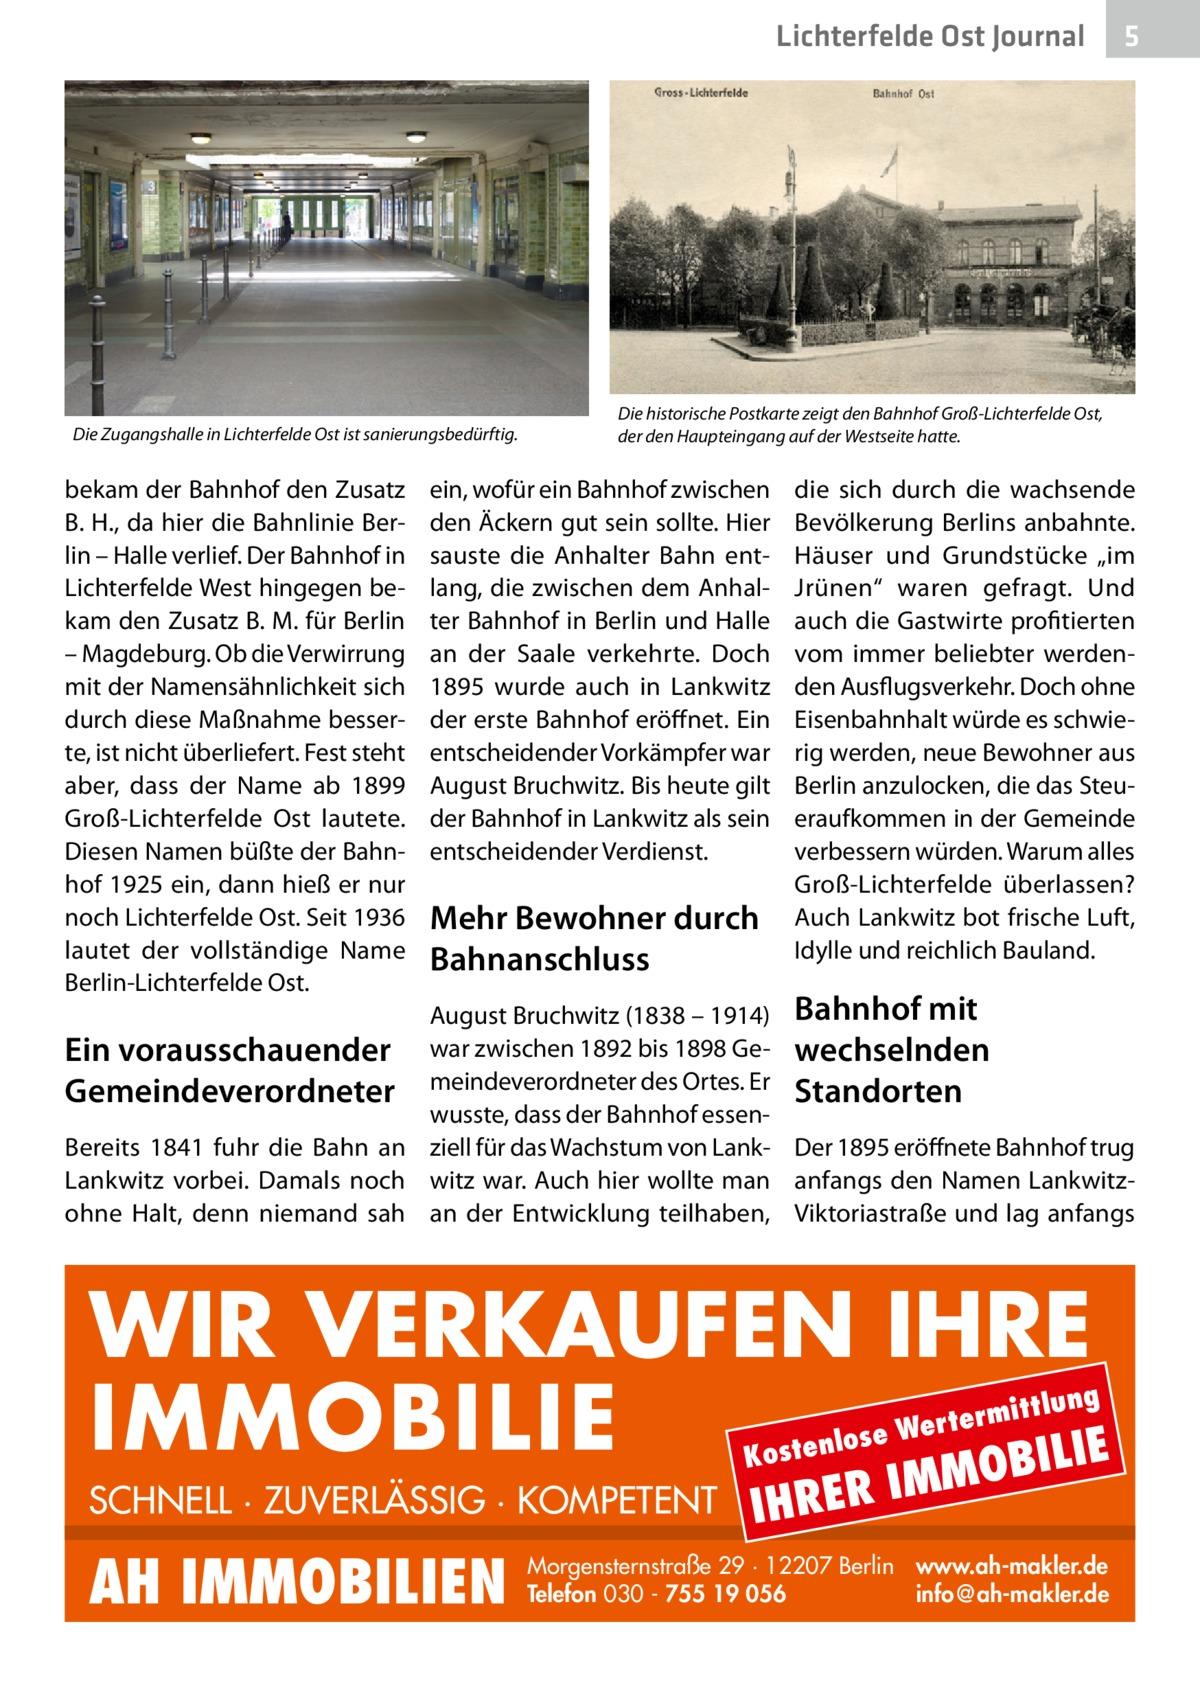 """Lichterfelde Ost Journal  Die Zugangshalle in Lichterfelde Ost ist sanierungsbedürftig.  bekam der Bahnhof den Zusatz B.H., da hier die Bahnlinie Berlin – Halle verlief. Der Bahnhof in Lichterfelde West hingegen bekam den Zusatz B. M. für Berlin – Magdeburg. Ob die Verwirrung mit der Namensähnlichkeit sich durch diese Maßnahme besserte, ist nicht überliefert. Fest steht aber, dass der Name ab 1899 Groß-Lichterfelde Ost lautete. Diesen Namen büßte der Bahnhof 1925 ein, dann hieß er nur noch Lichterfelde Ost. Seit 1936 lautet der vollständige Name Berlin-Lichterfelde Ost.  5  Die historische Postkarte zeigt den Bahnhof Groß-Lichterfelde Ost, der den Haupteingang auf der Westseite hatte.  ein, wofür ein Bahnhof zwischen den Äckern gut sein sollte. Hier sauste die Anhalter Bahn entlang, die zwischen dem Anhalter Bahnhof in Berlin und Halle an der Saale verkehrte. Doch 1895 wurde auch in Lankwitz der erste Bahnhof eröffnet. Ein entscheidender Vorkämpfer war August Bruchwitz. Bis heute gilt der Bahnhof in Lankwitz als sein entscheidender Verdienst.  Mehr Bewohner durch Bahnanschluss  die sich durch die wachsende Bevölkerung Berlins anbahnte. Häuser und Grundstücke """"im Jrünen"""" waren gefragt. Und auch die Gastwirte profitierten vom immer beliebter werdenden Ausflugsverkehr. Doch ohne Eisenbahnhalt würde es schwierig werden, neue Bewohner aus Berlin anzulocken, die das Steueraufkommen in der Gemeinde verbessern würden. Warum alles Groß-Lichterfelde überlassen? Auch Lankwitz bot frische Luft, Idylle und reichlich Bauland.  August Bruchwitz (1838 – 1914) Bahnhof mit war zwischen 1892 bis 1898 Ge- wechselnden meindeverordneter des Ortes. Er Standorten wusste, dass der Bahnhof essenBereits 1841 fuhr die Bahn an ziell für das Wachstum von Lank- Der 1895 eröffnete Bahnhof trug Lankwitz vorbei. Damals noch witz war. Auch hier wollte man anfangs den Namen Lankwitzohne Halt, denn niemand sah an der Entwicklung teilhaben, Viktoriastraße und lag anfangs  Ein vorausschauender Gemeindeve"""